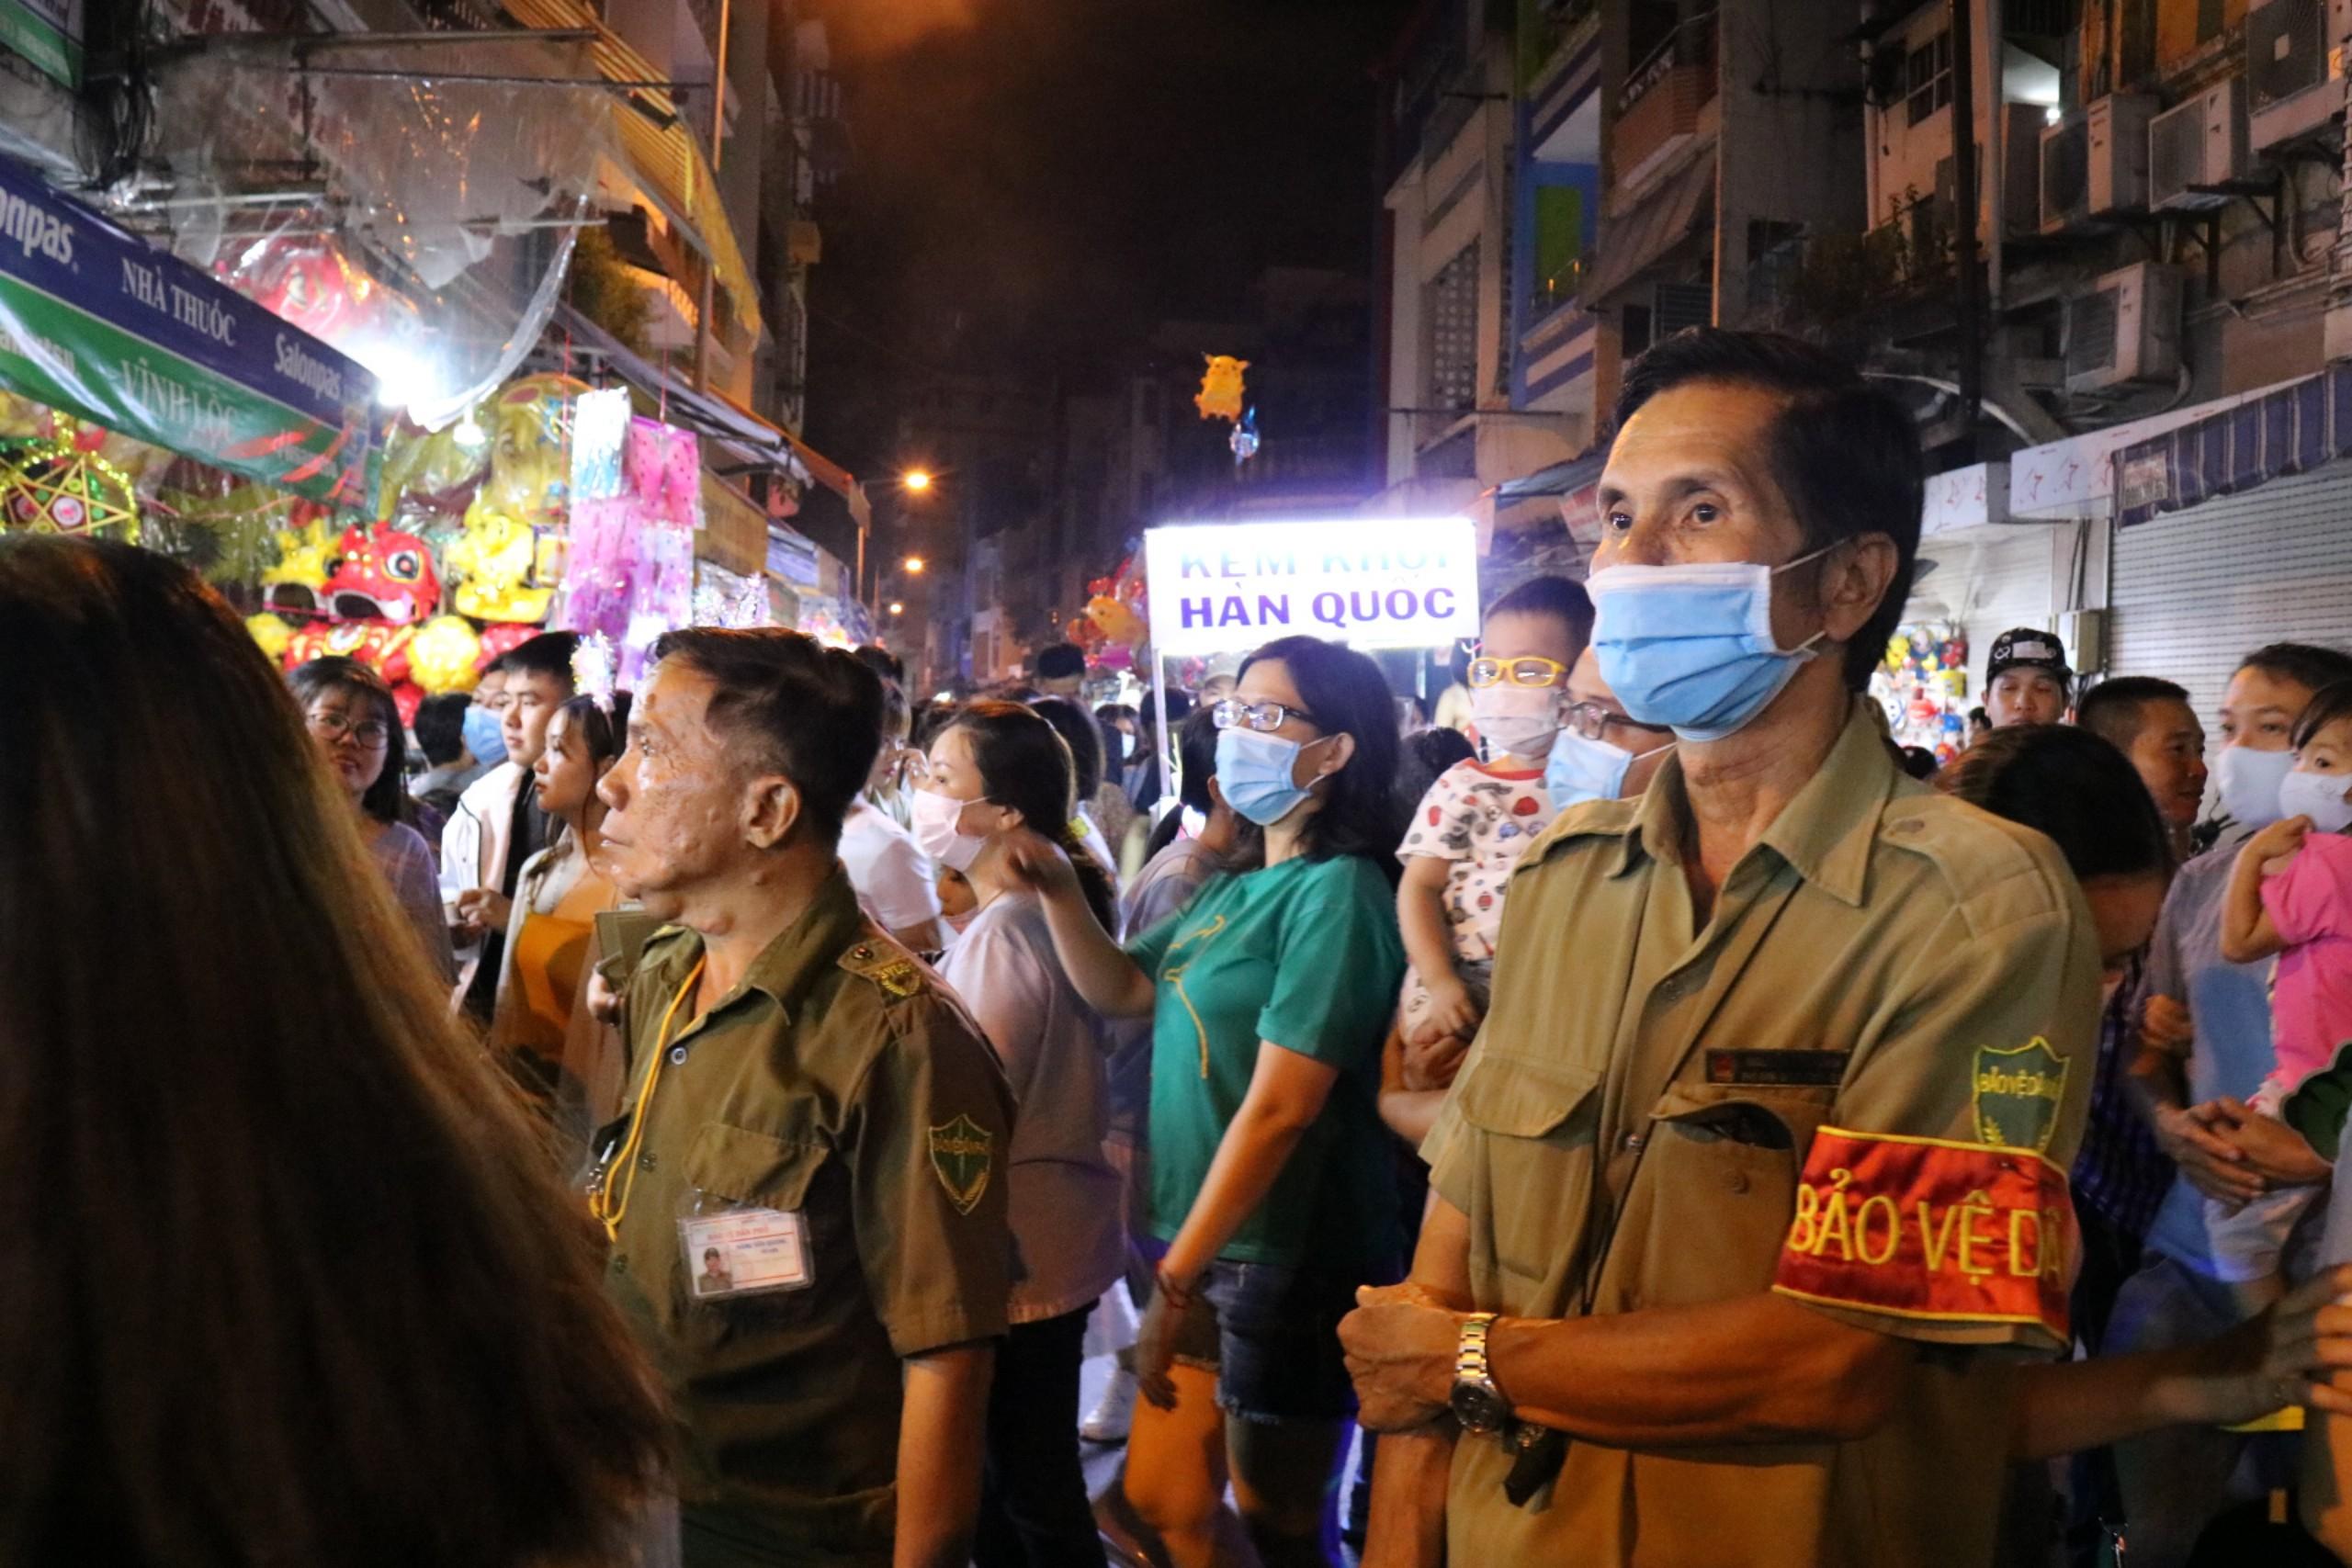 Lực lượng bảo vệ thường xuyên có mặt tại phố lồng đèn để nhắc nhở người dân tự bảo quản tư trang.